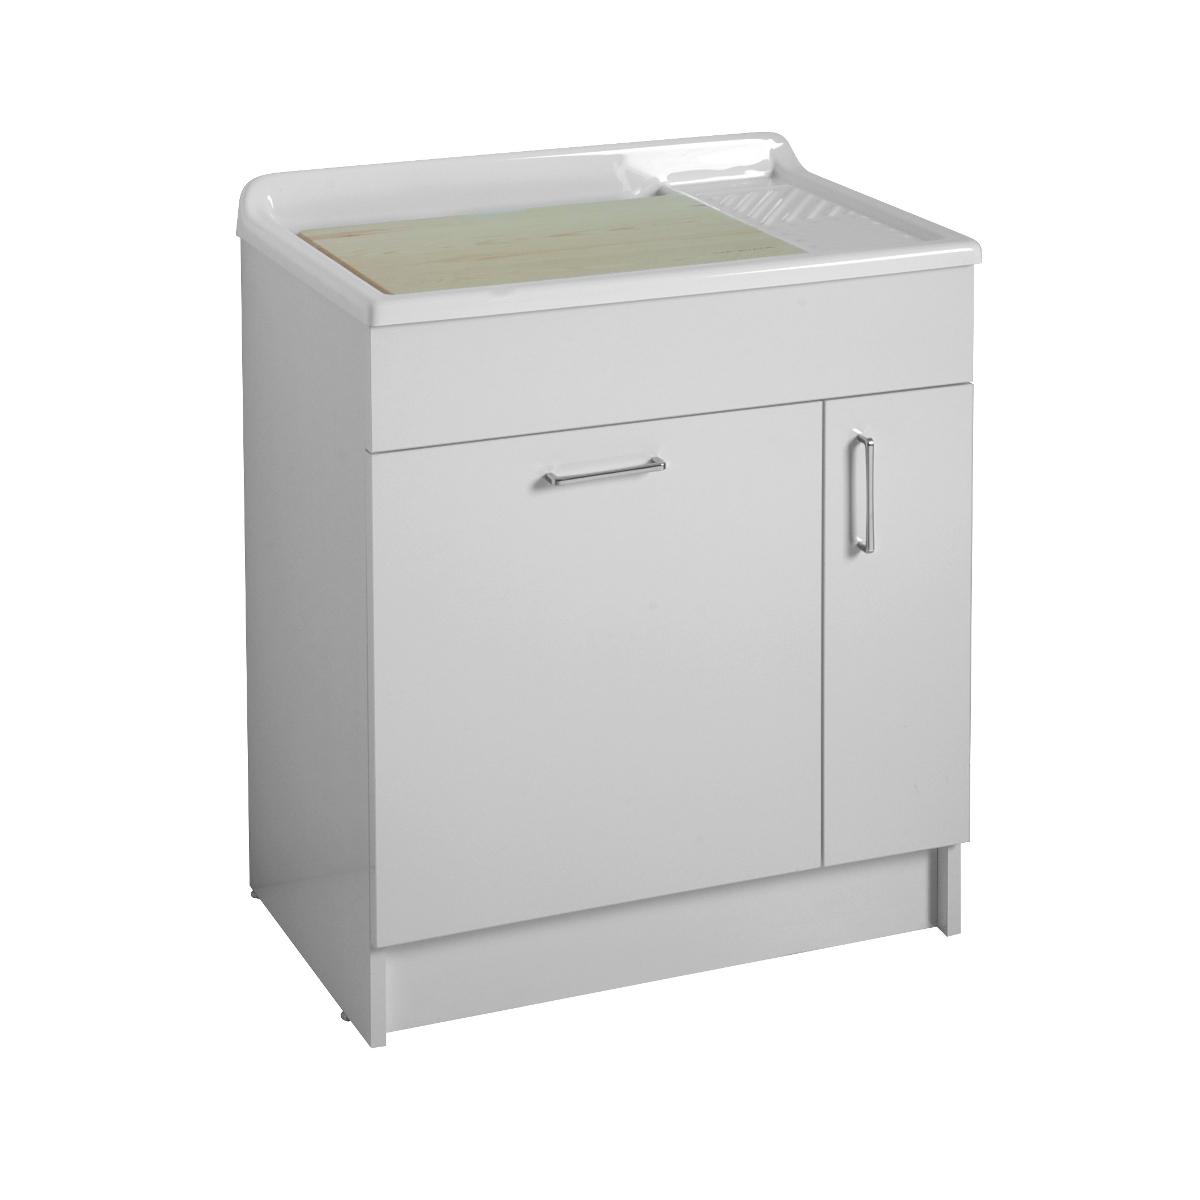 Mobile per lavabo con cesto portabiancheria 75x50x86 lindo - Mobile portabiancheria sporca ...